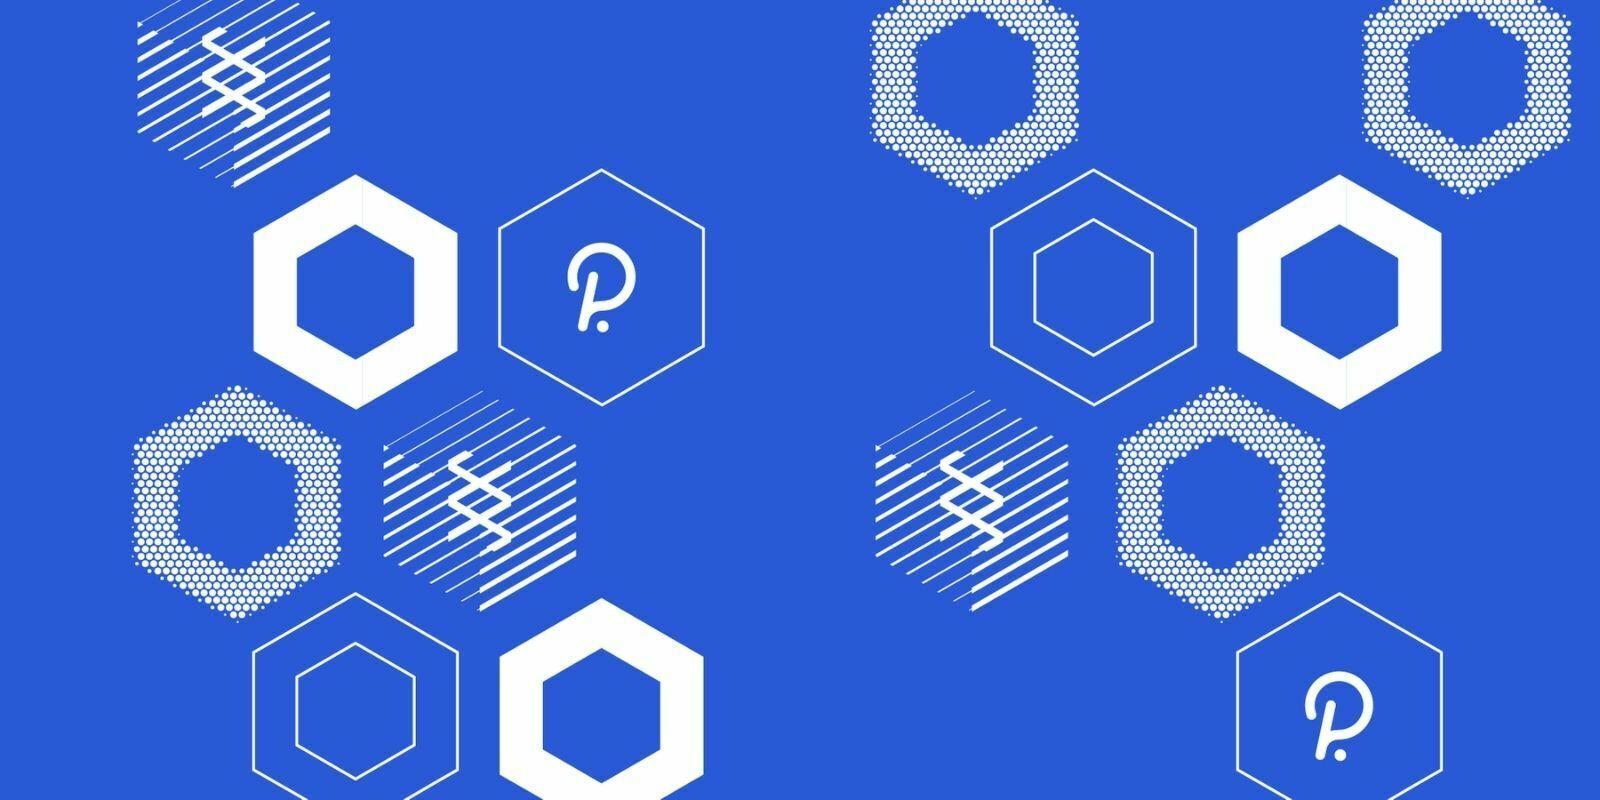 L'écosystème Polkadot (DOT) intègre les oracles de prix de Chainlink